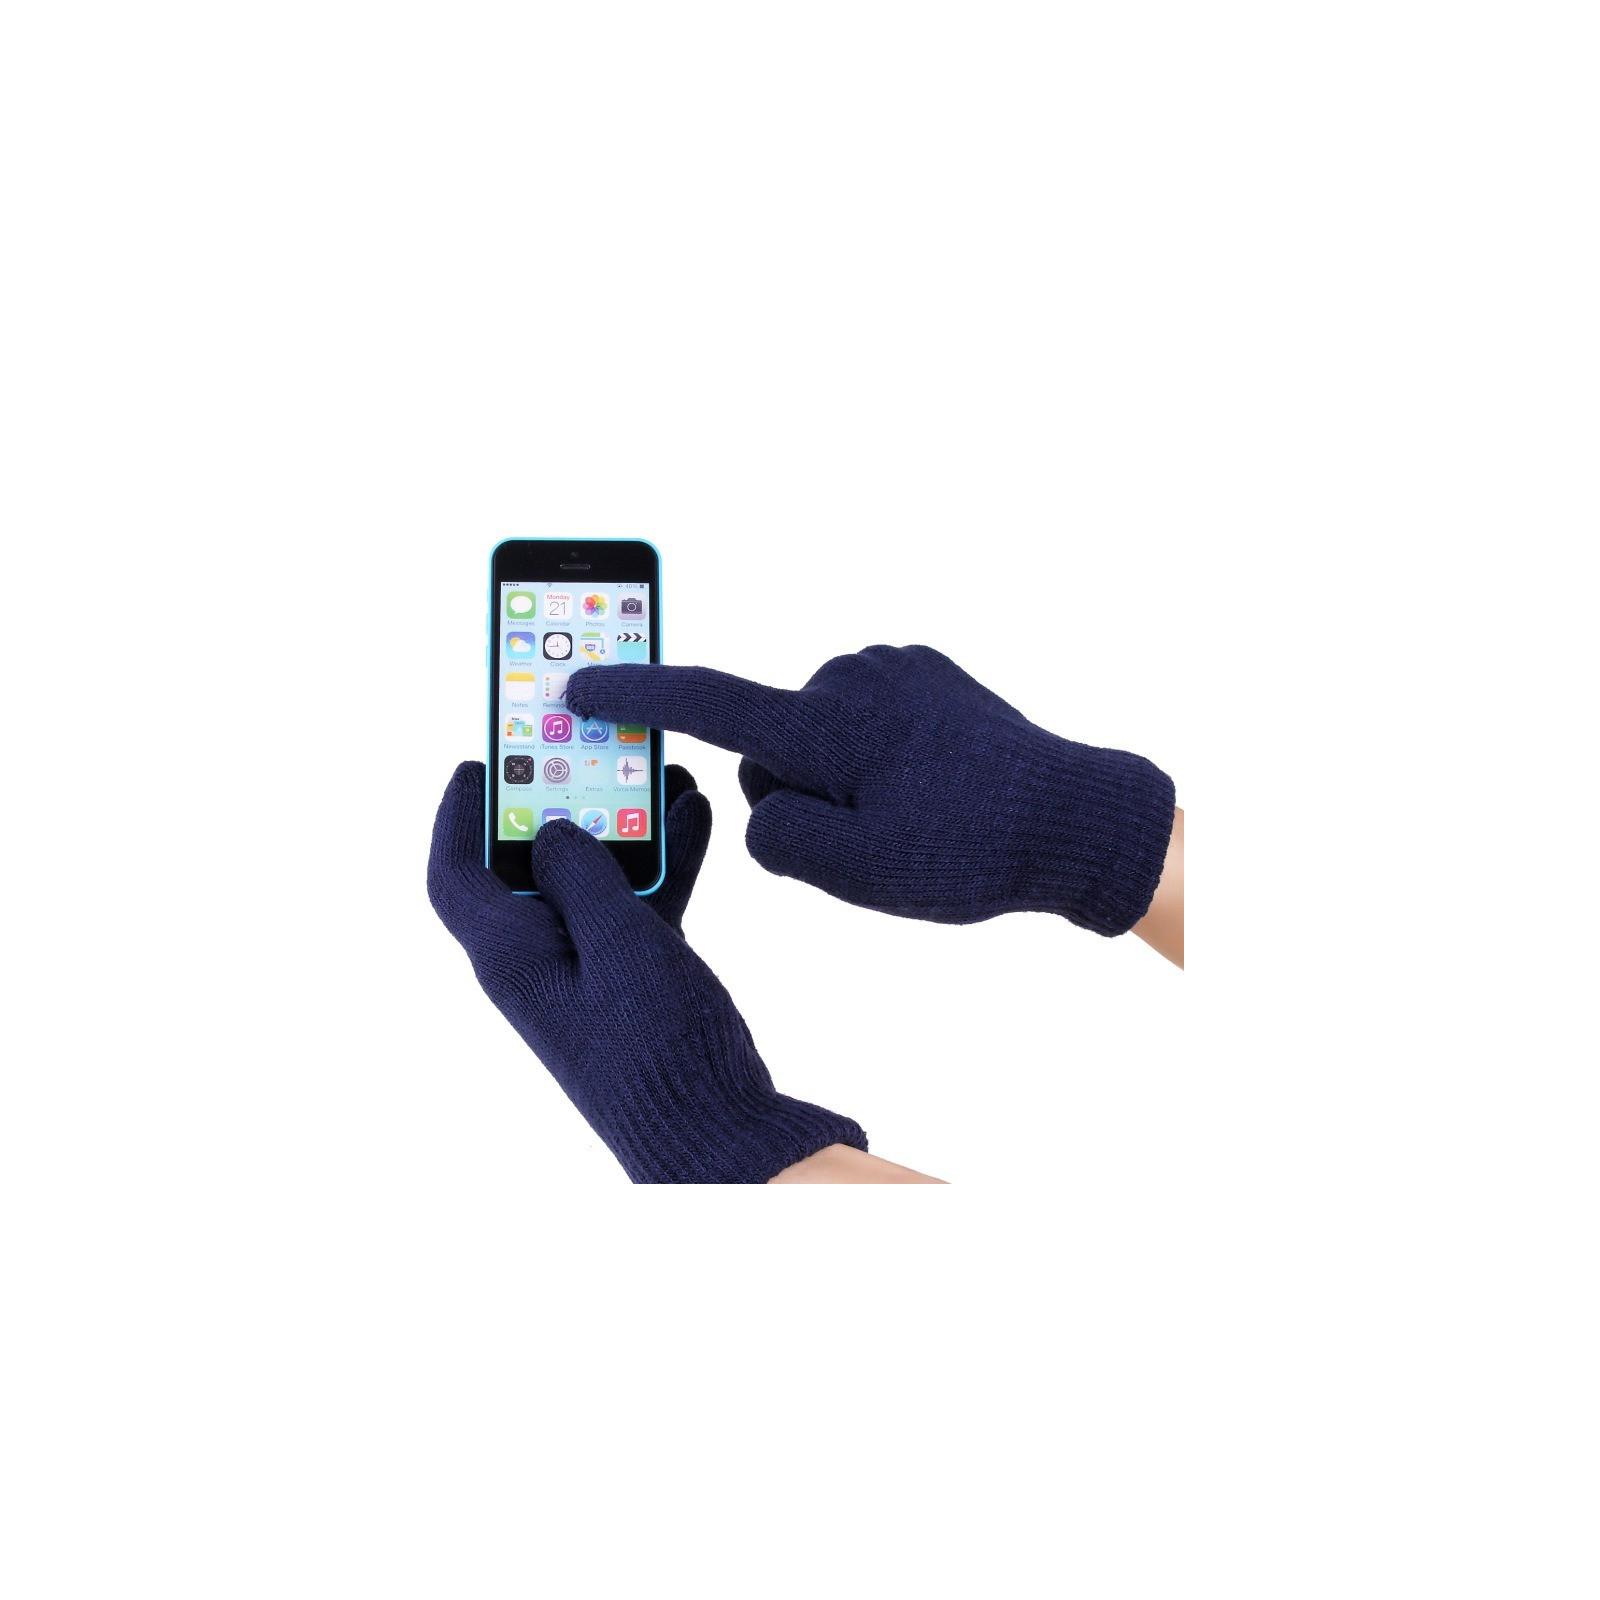 Перчатки для сенсорных экранов iGlove Navy (4822356754399) изображение 2